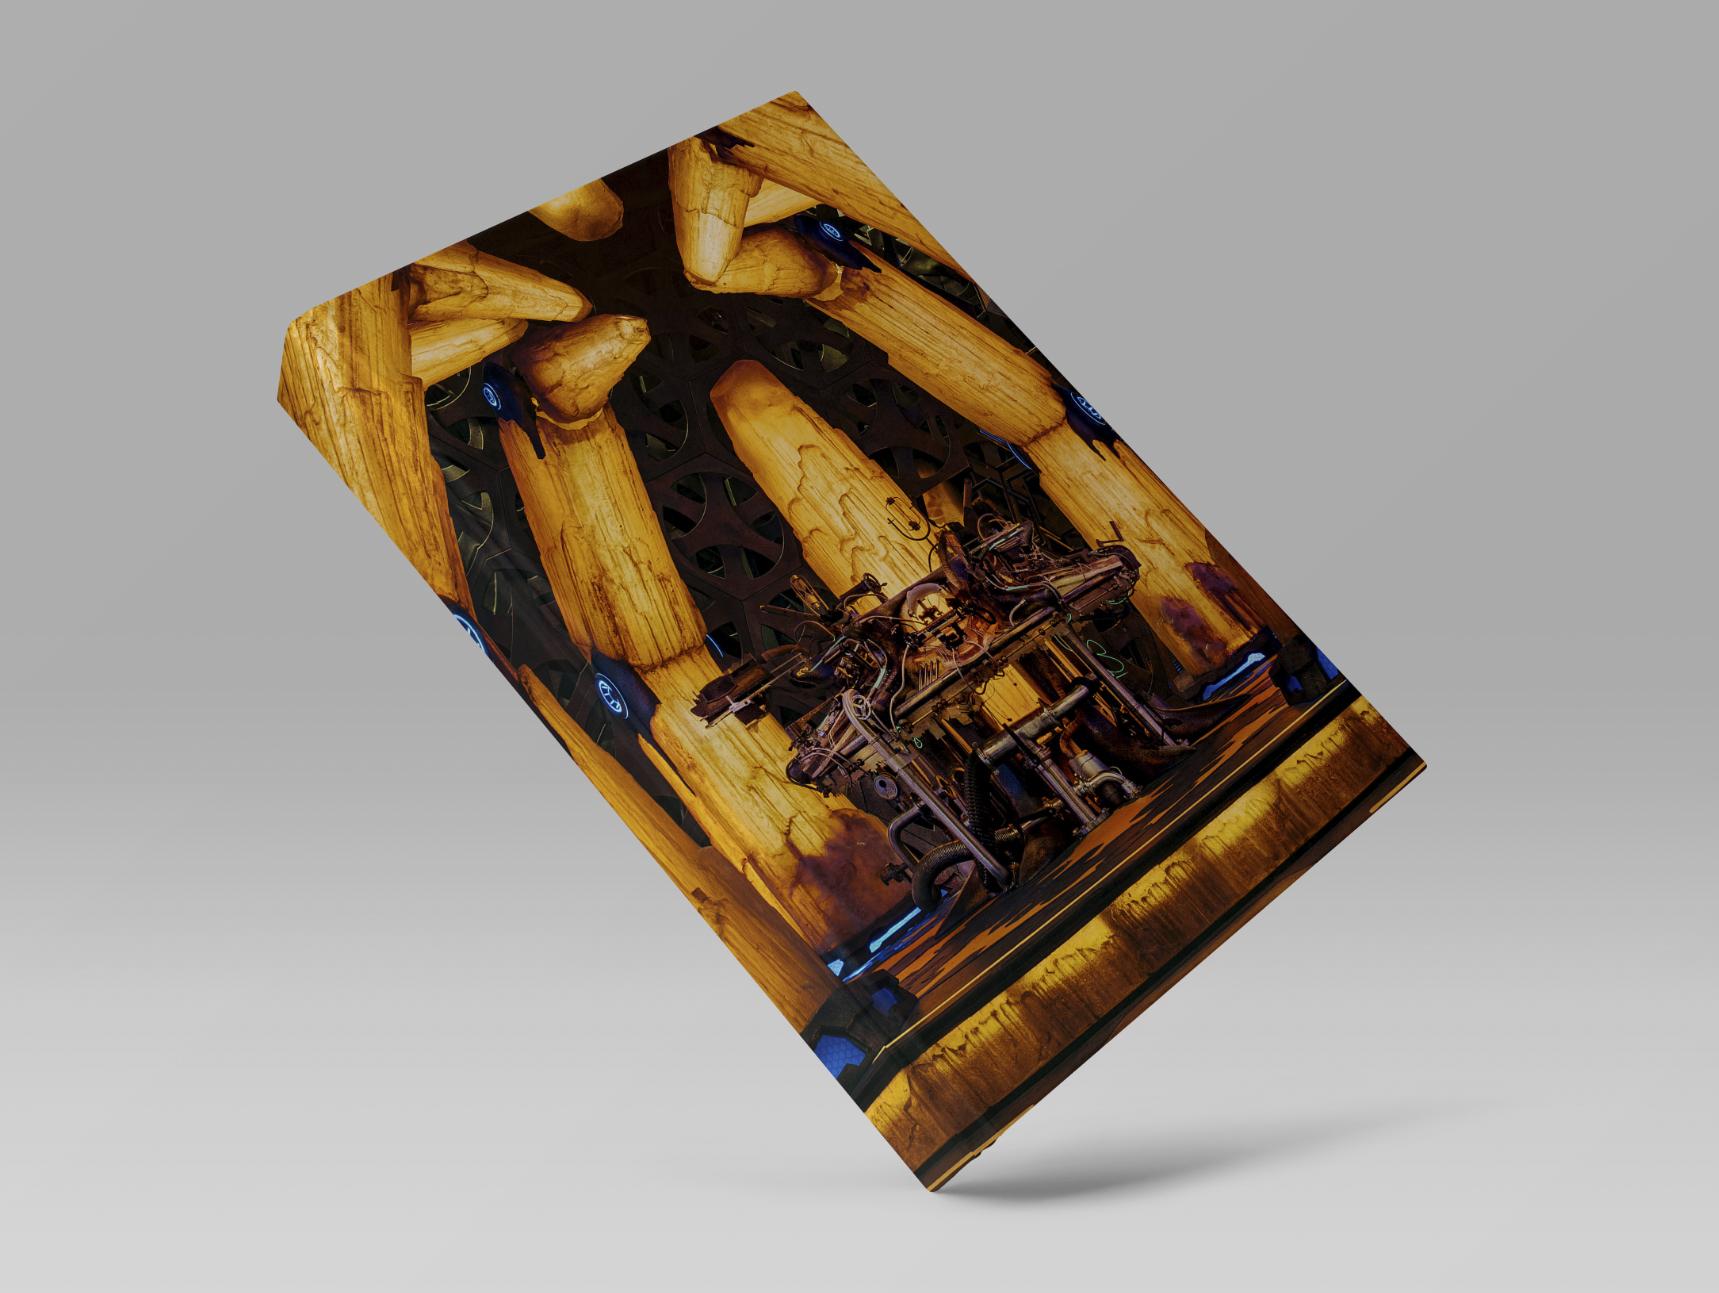 okładka edycji kolekcjonerskiej podręcznika